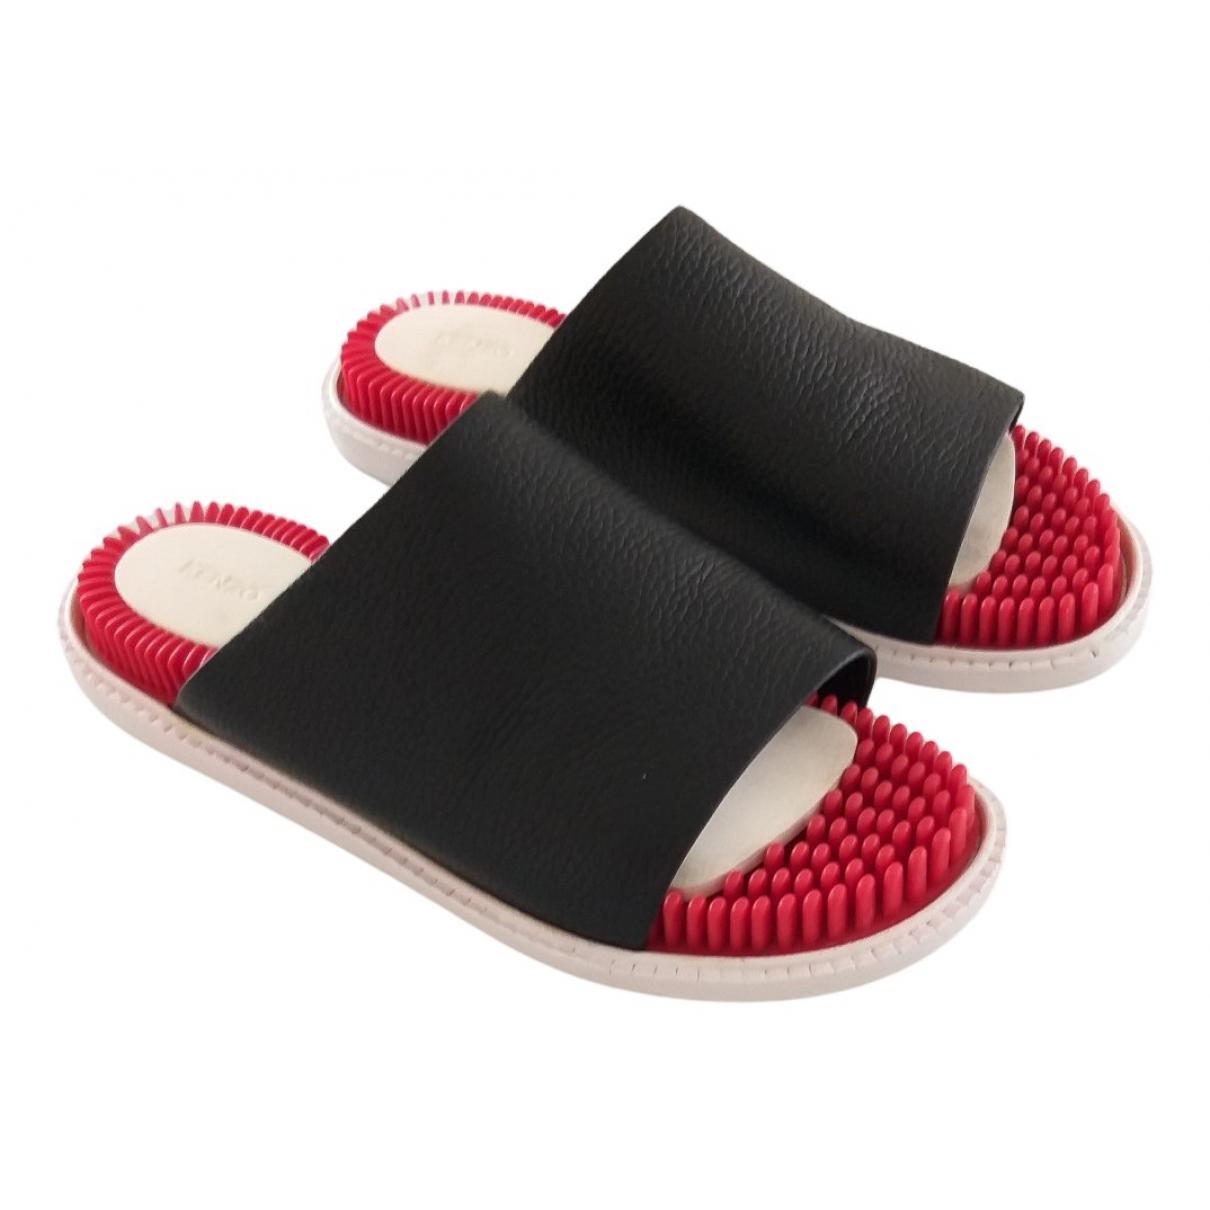 Sandalias romanas de Cuero Kenzo